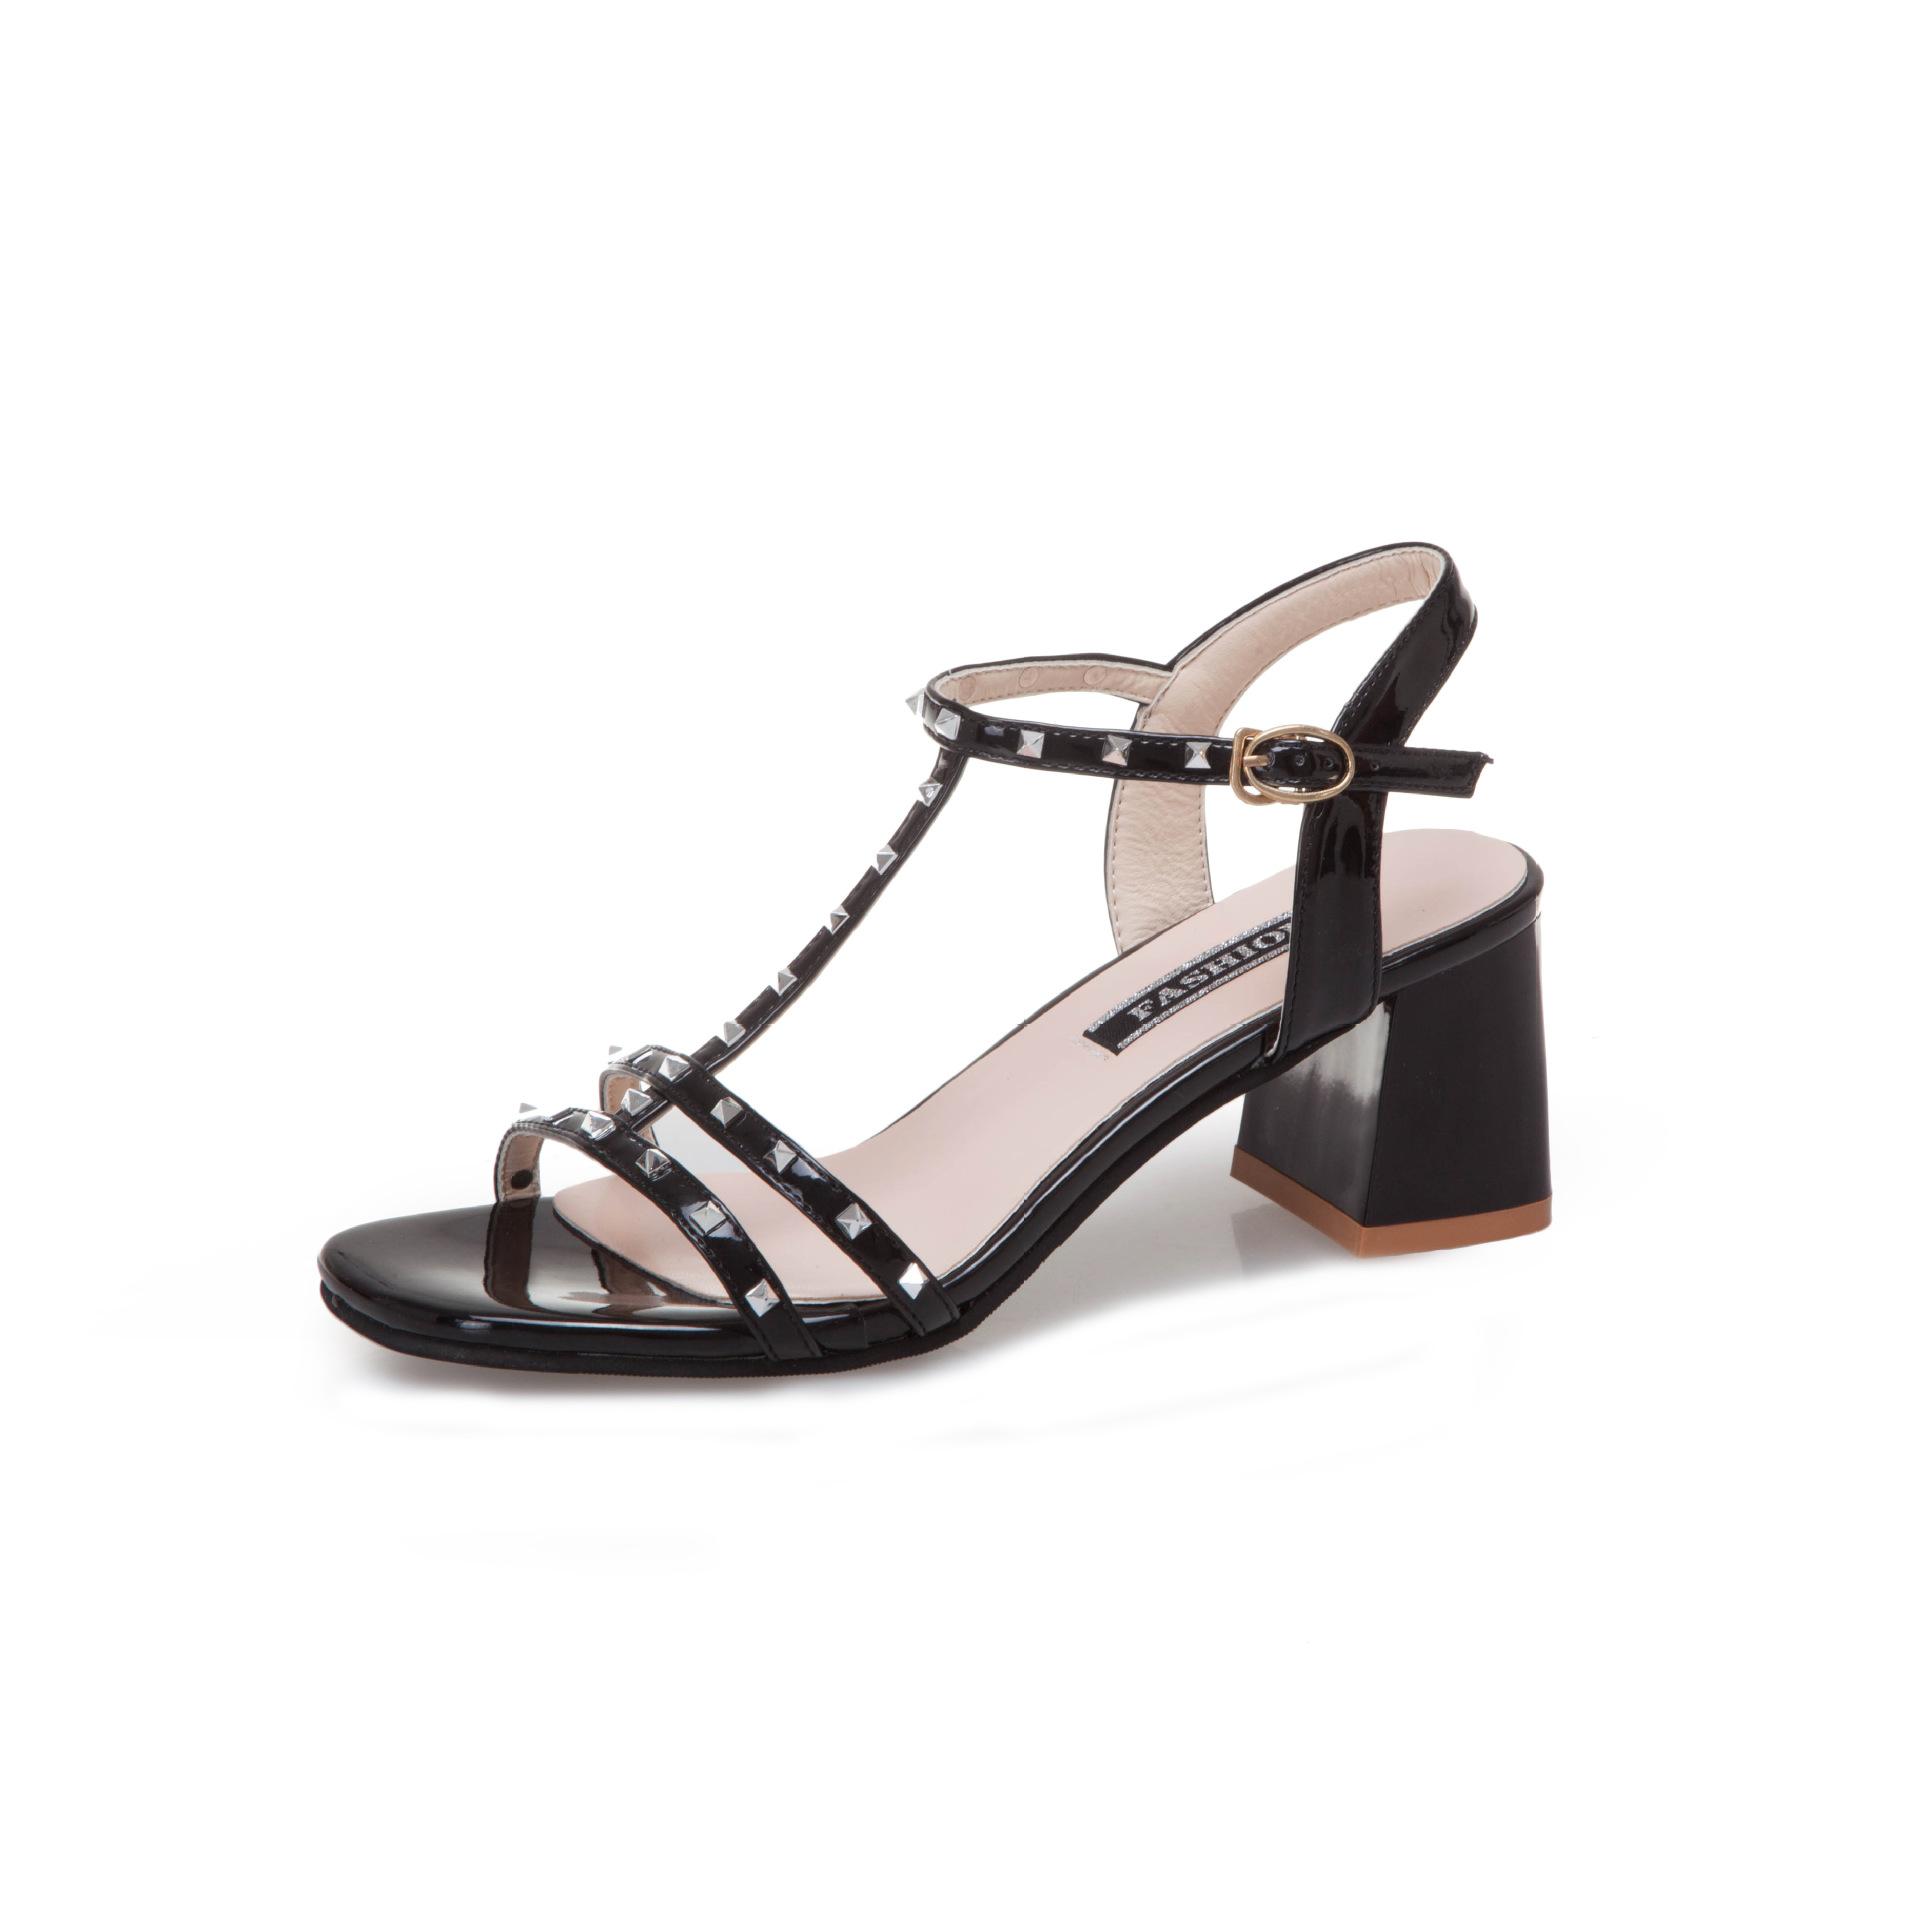 Chaussures été pour femme en Caoutchouc - Ref 3347486 Image 8